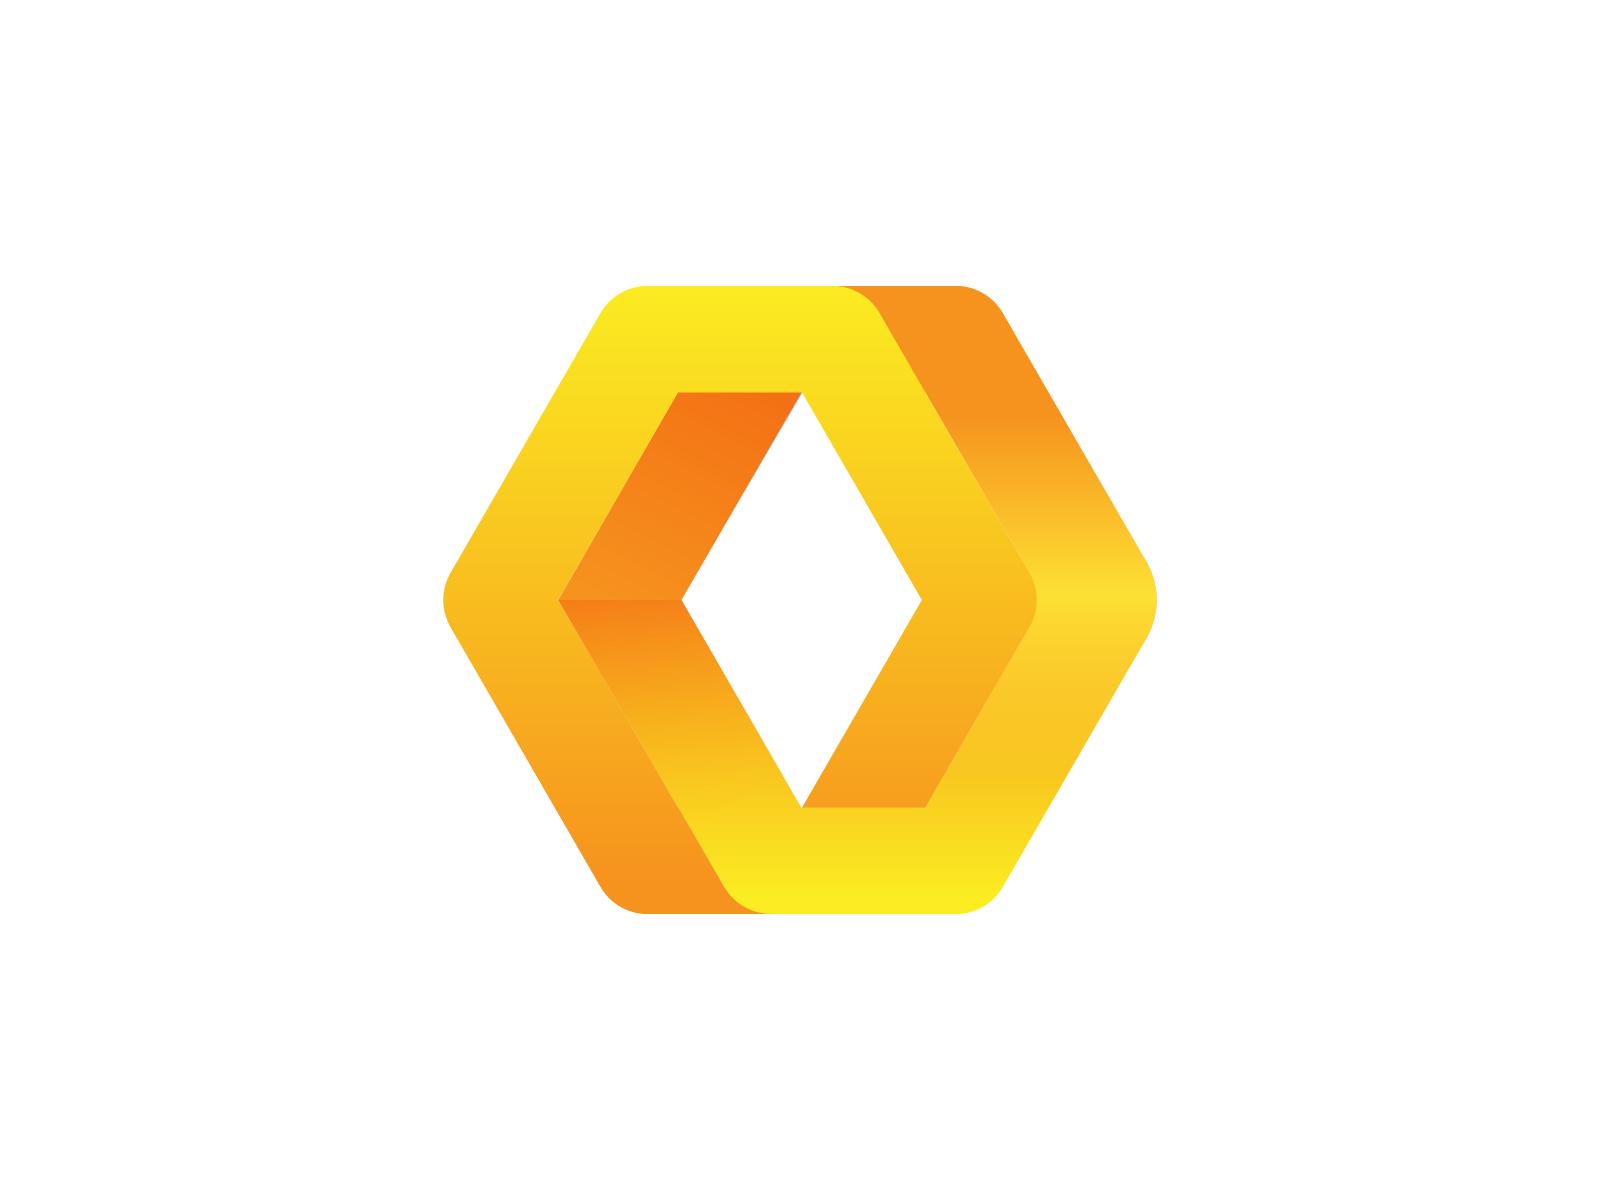 Hexagon loop 01 4x